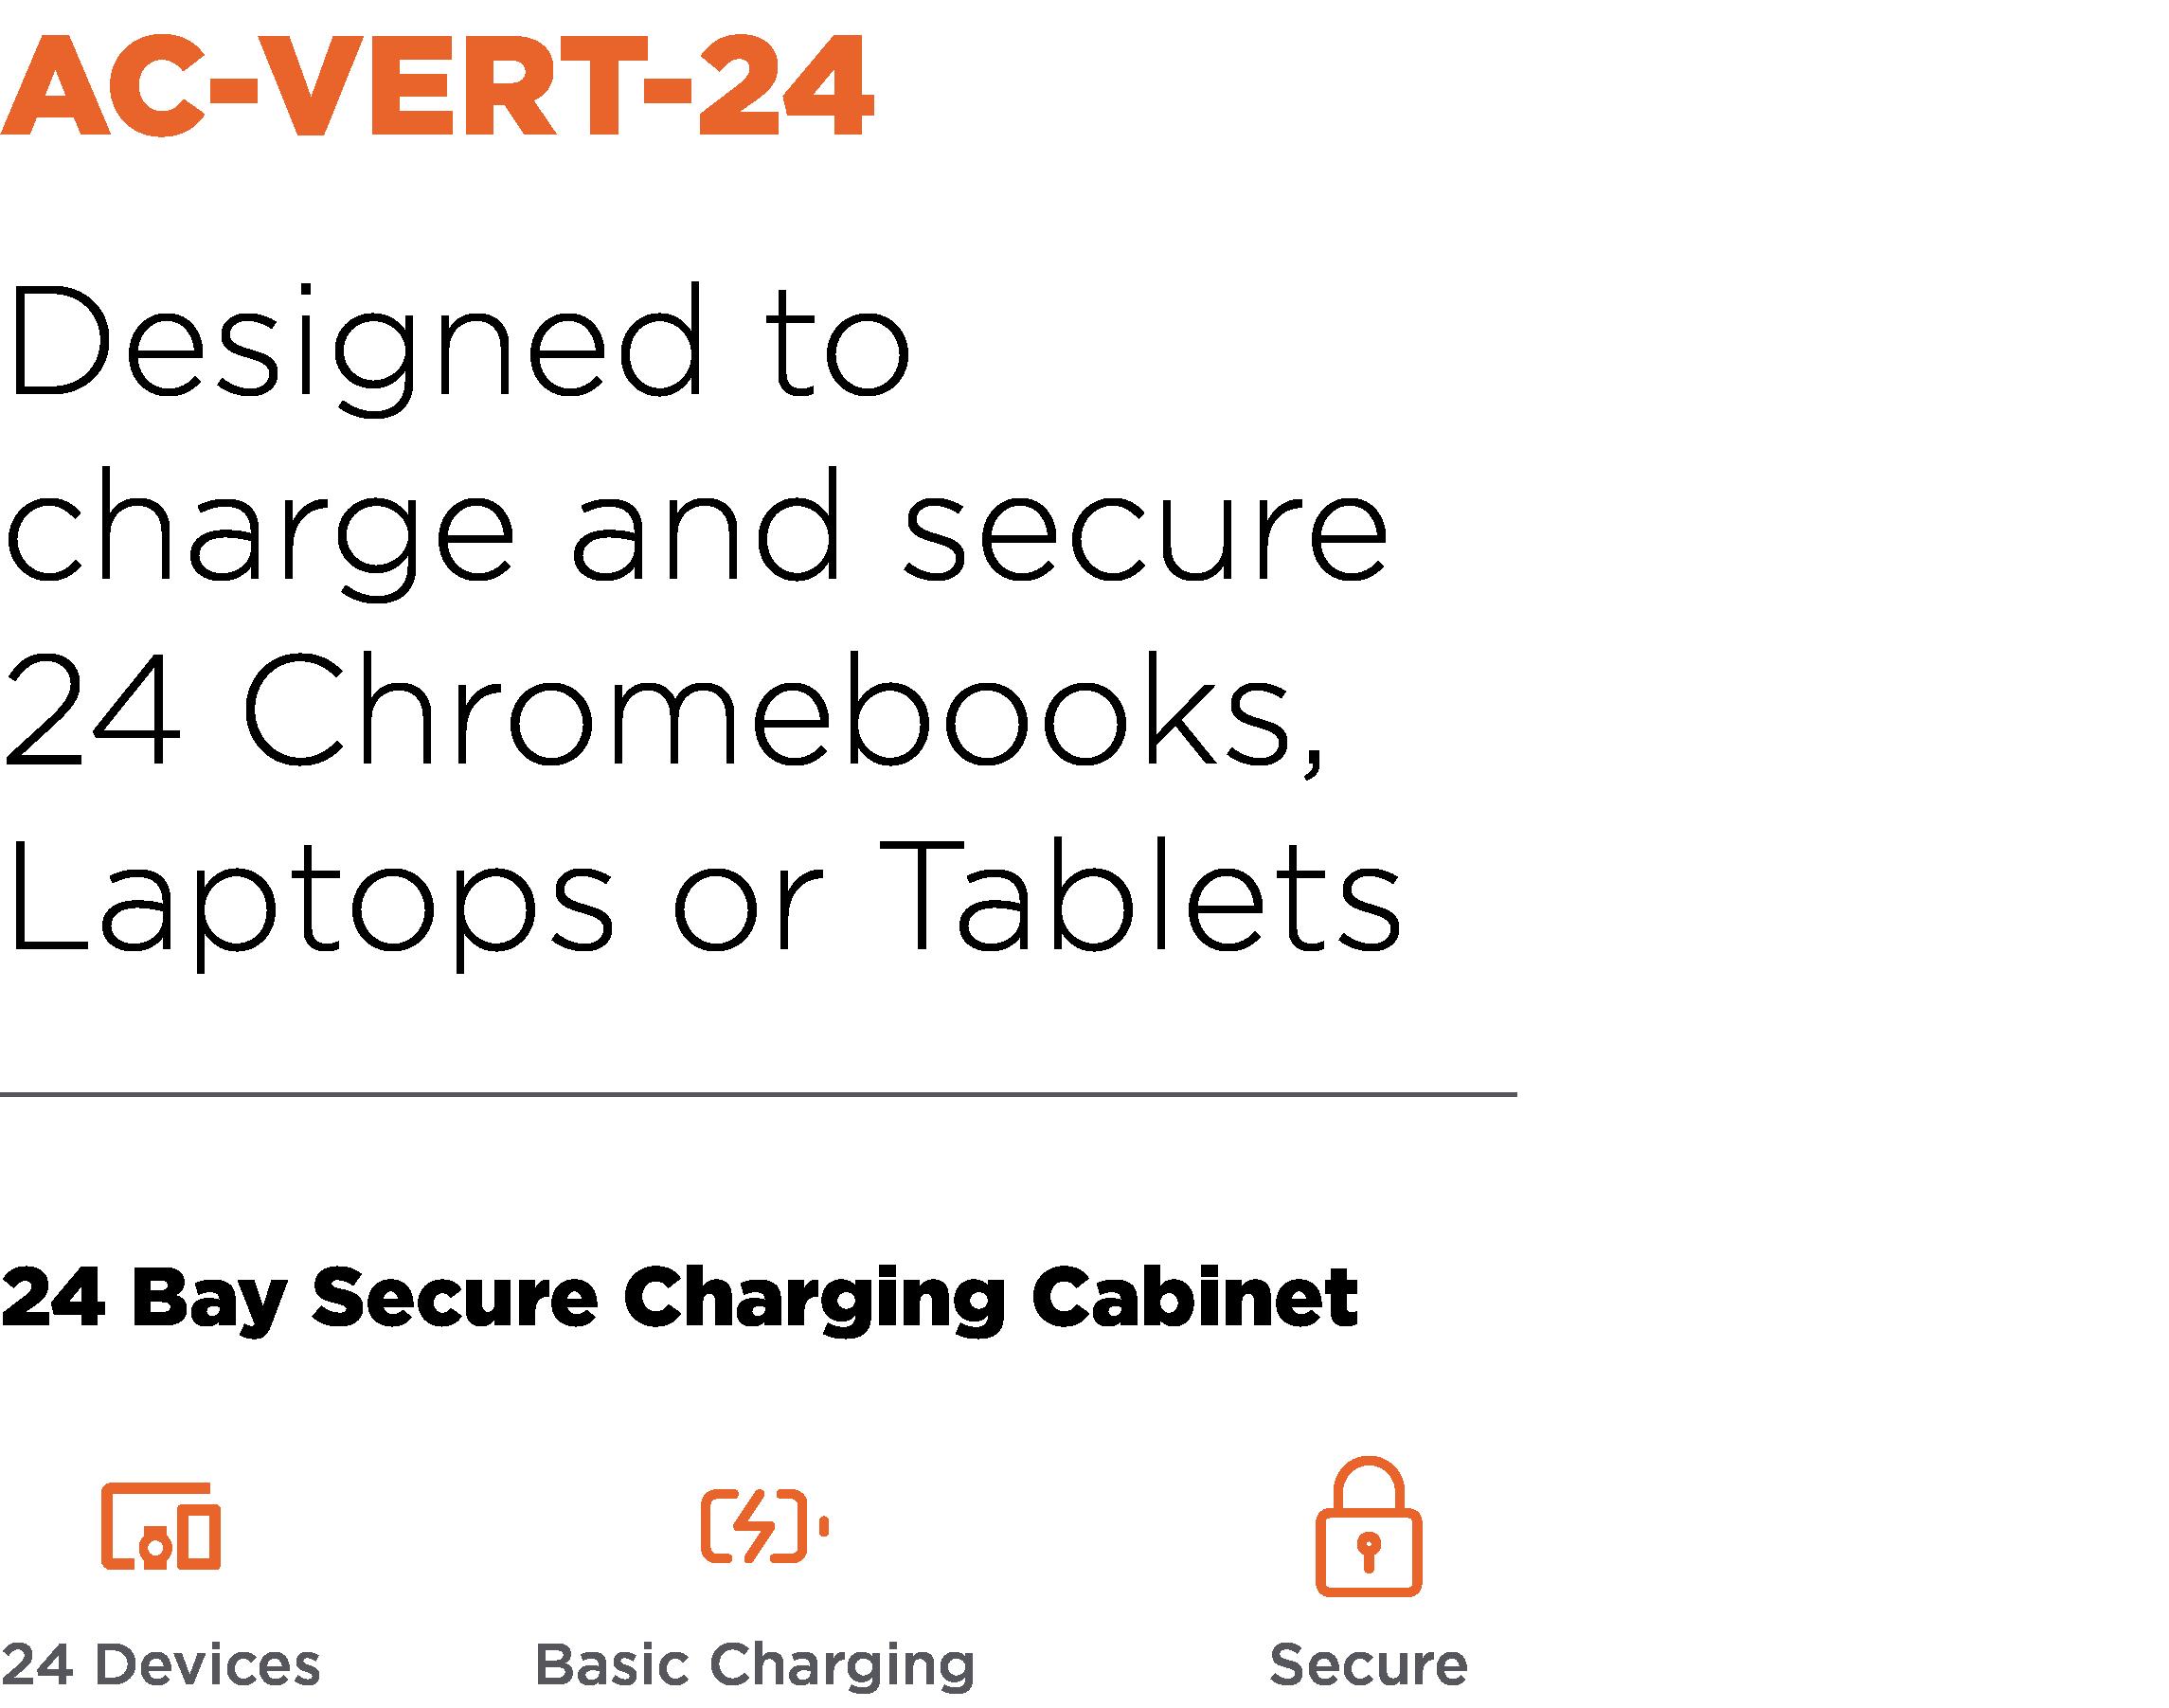 AC-VERT-24